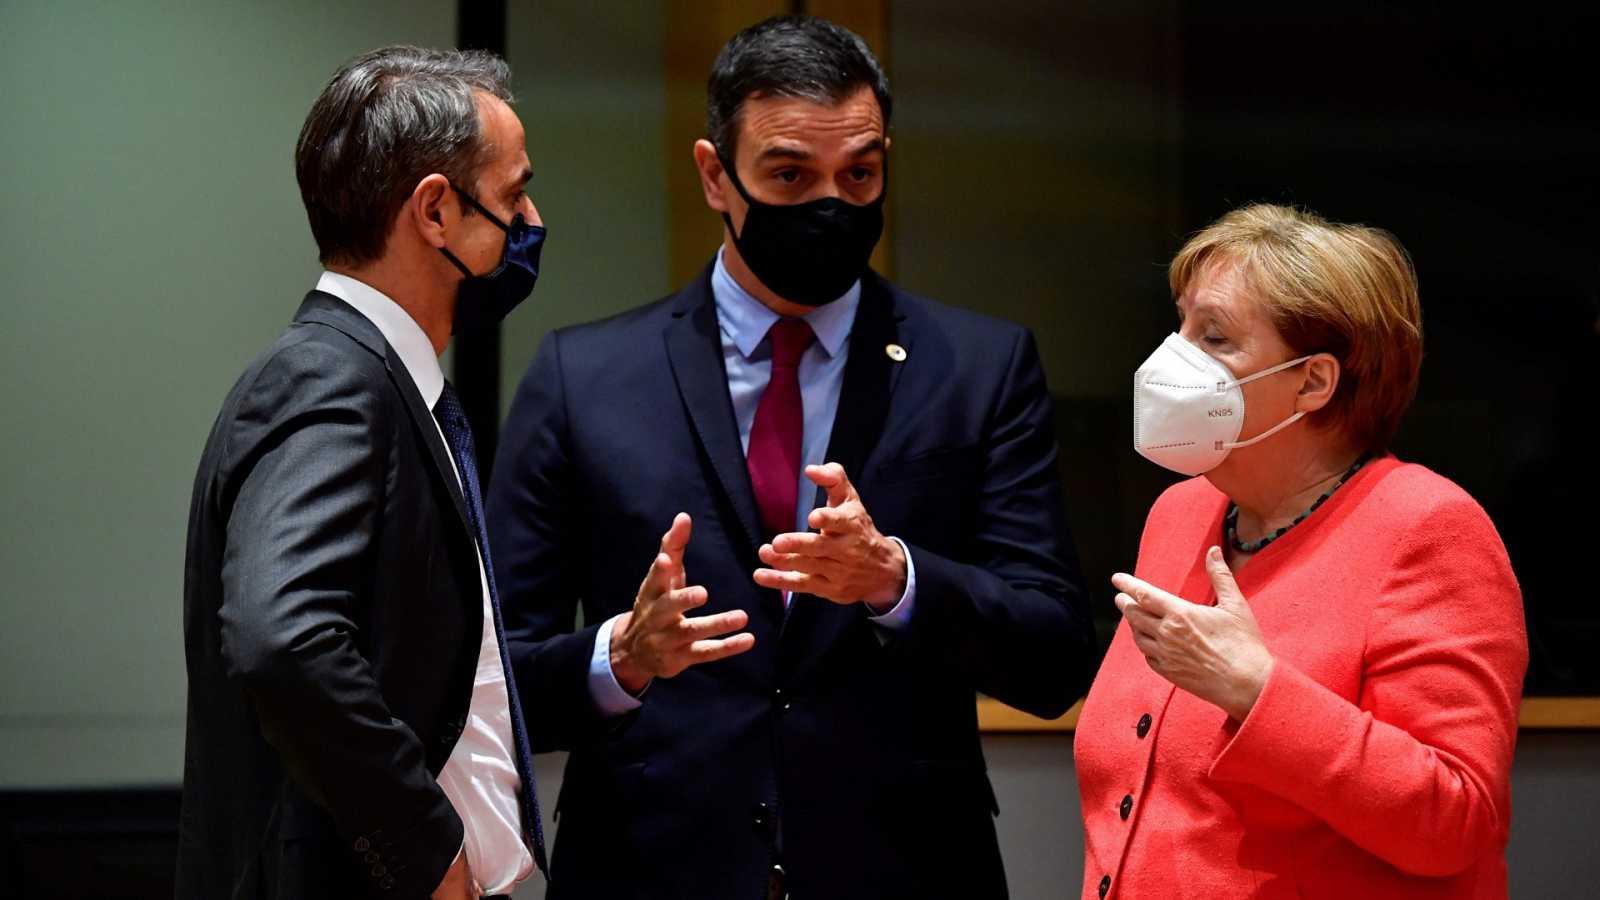 Las claves del histórico acuerdo financiero de la UE contra el coronavirus